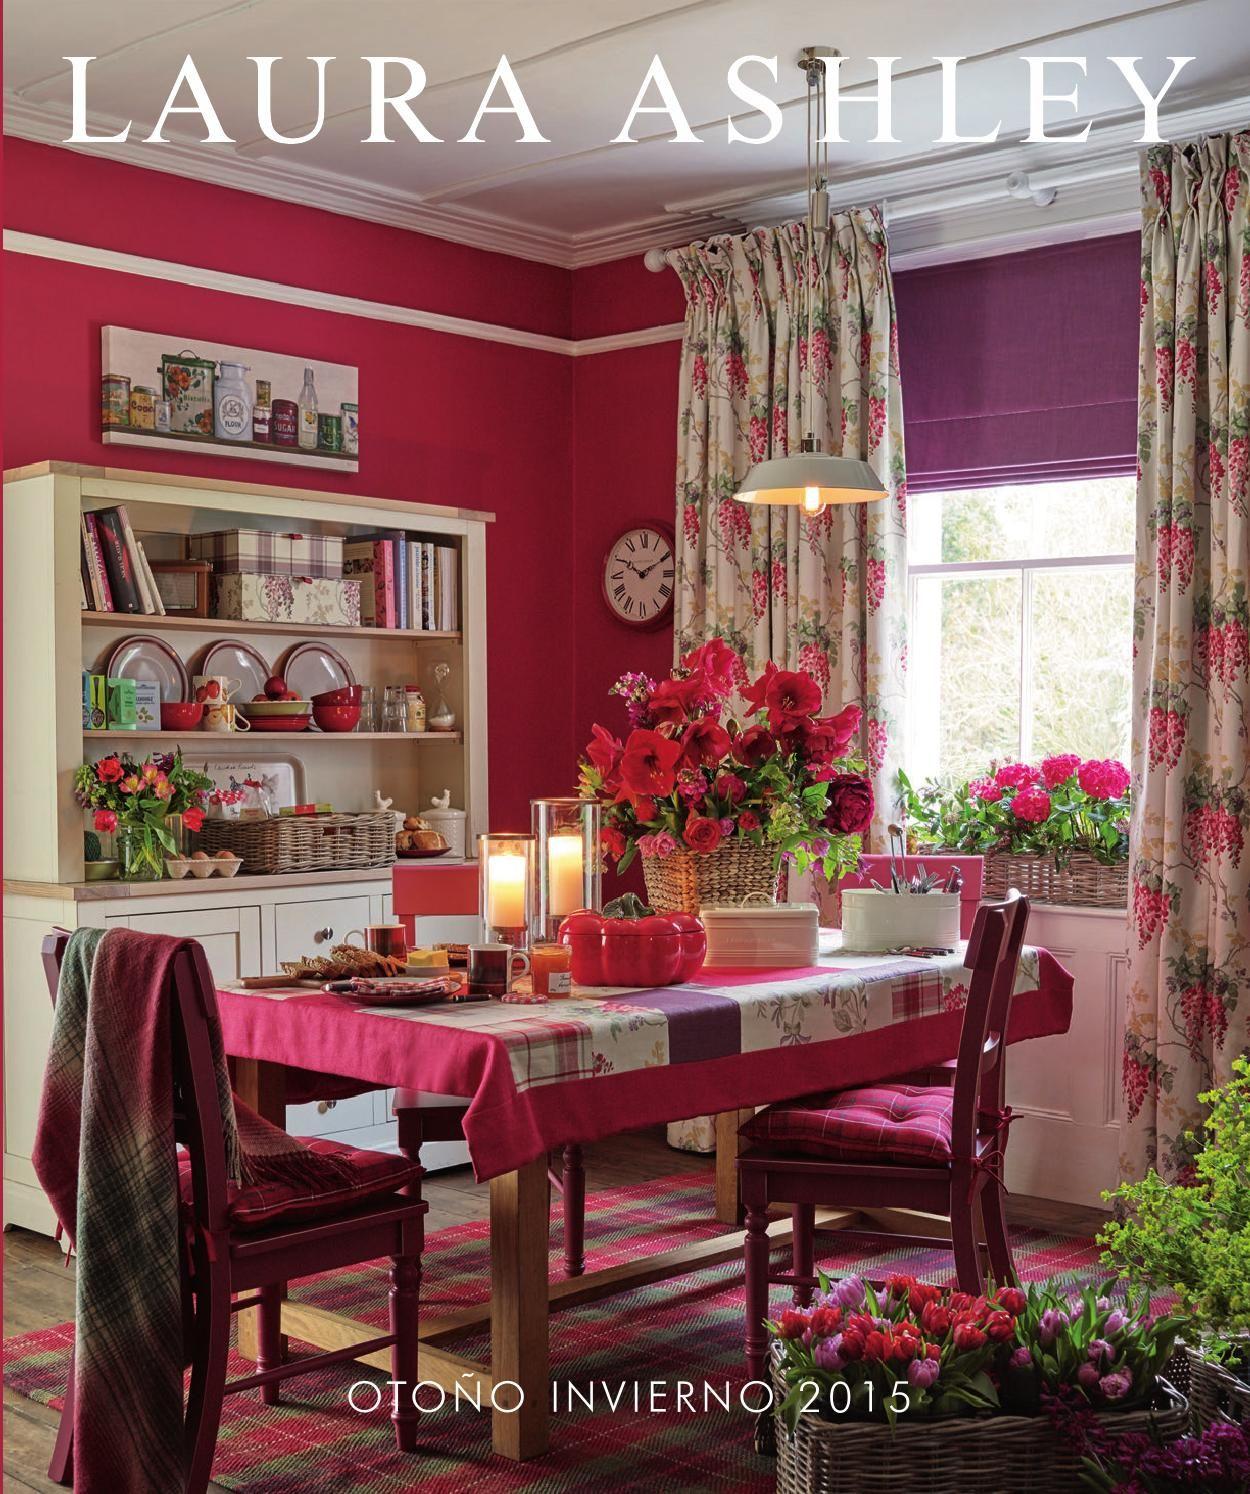 Laura ashley decoraci n hogar oto o invierno 2015 - Laura ashley papel pintado ...